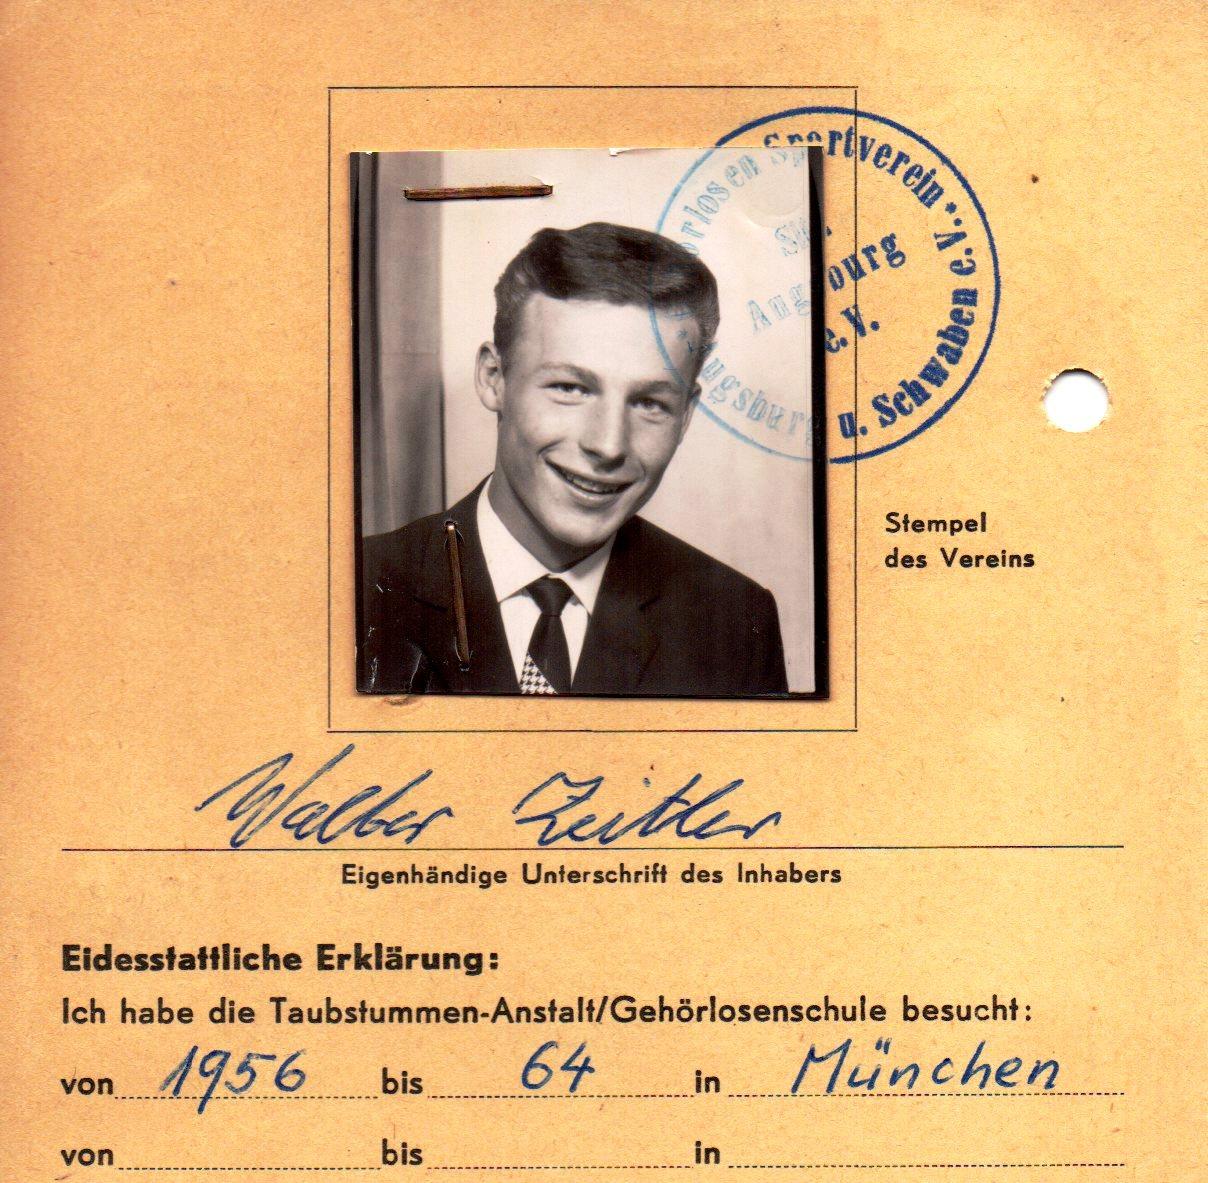 Walter Zeitler